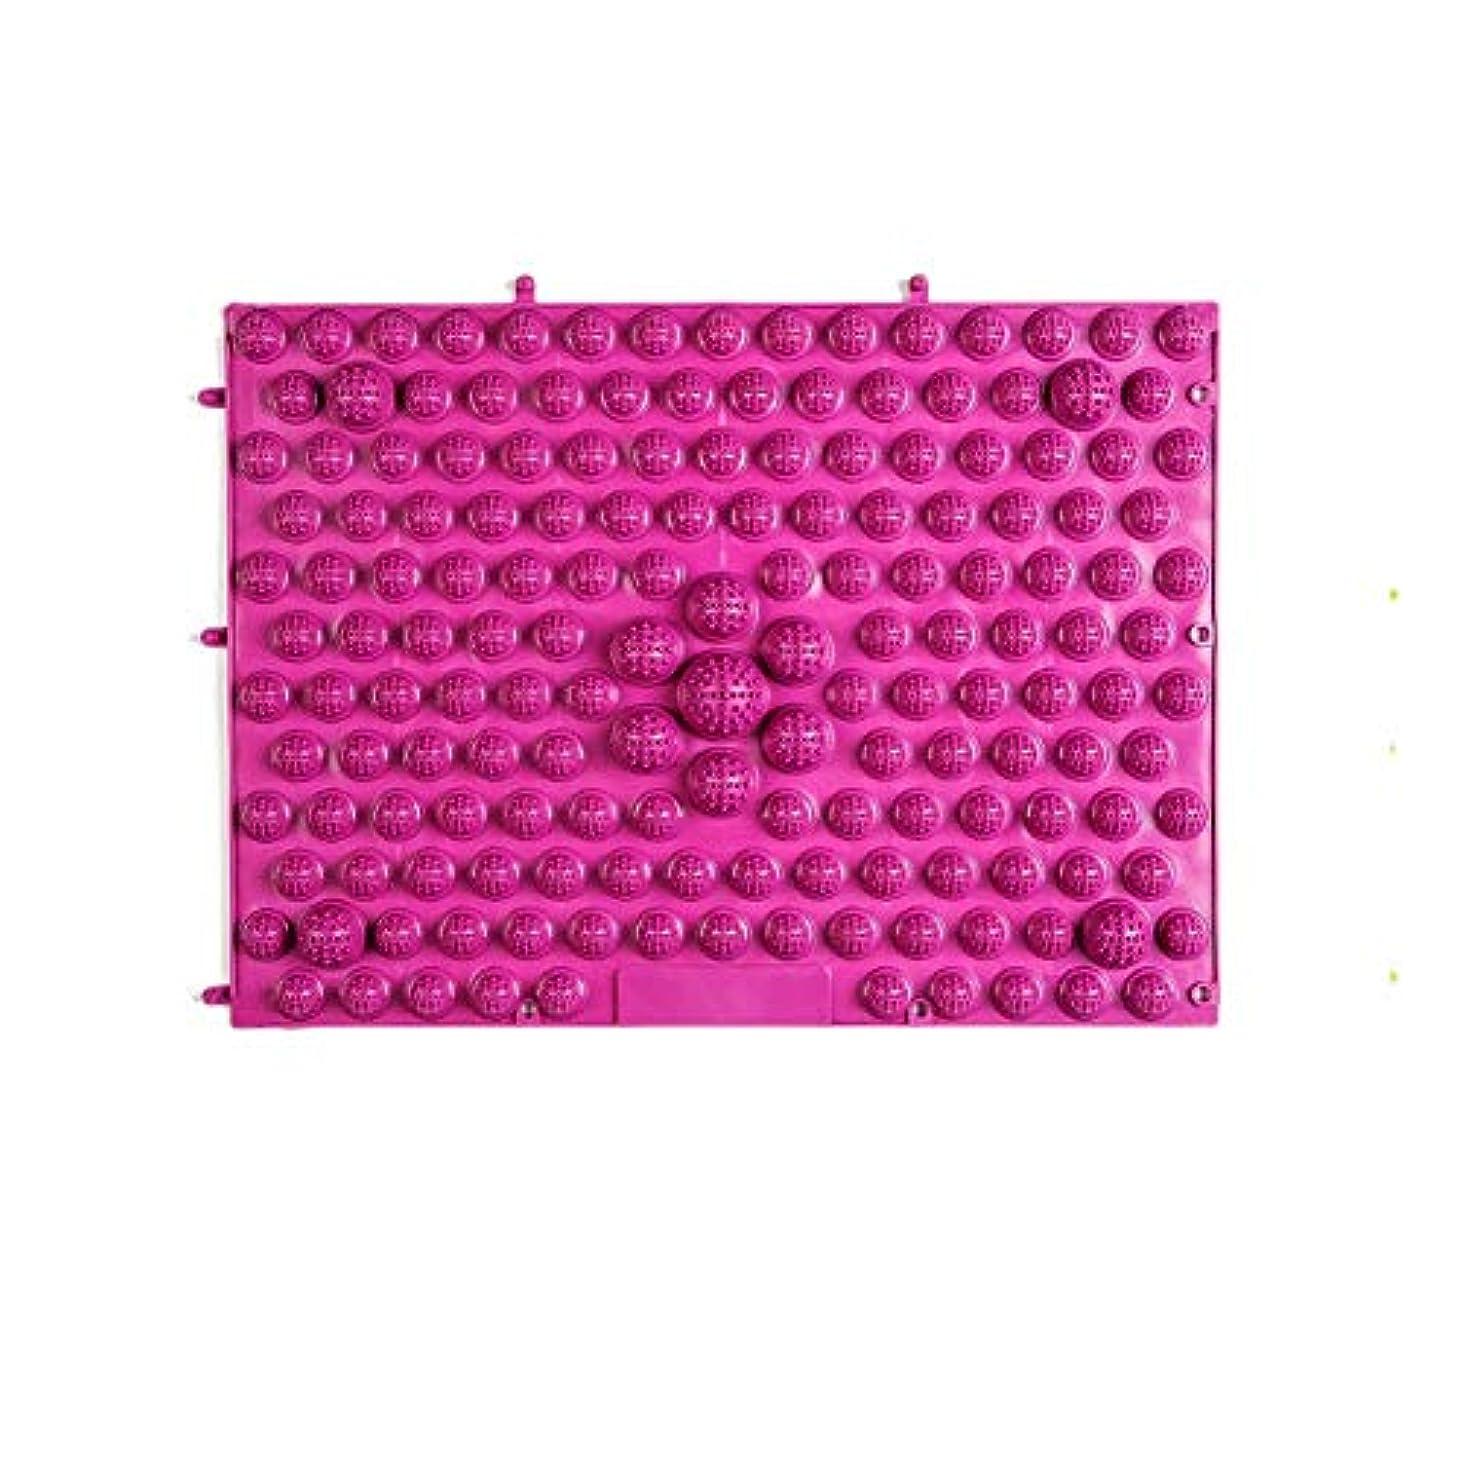 電子シリーズ引数ウォークマット 裏板セット(ABS樹脂製補強板付き) (レッド)